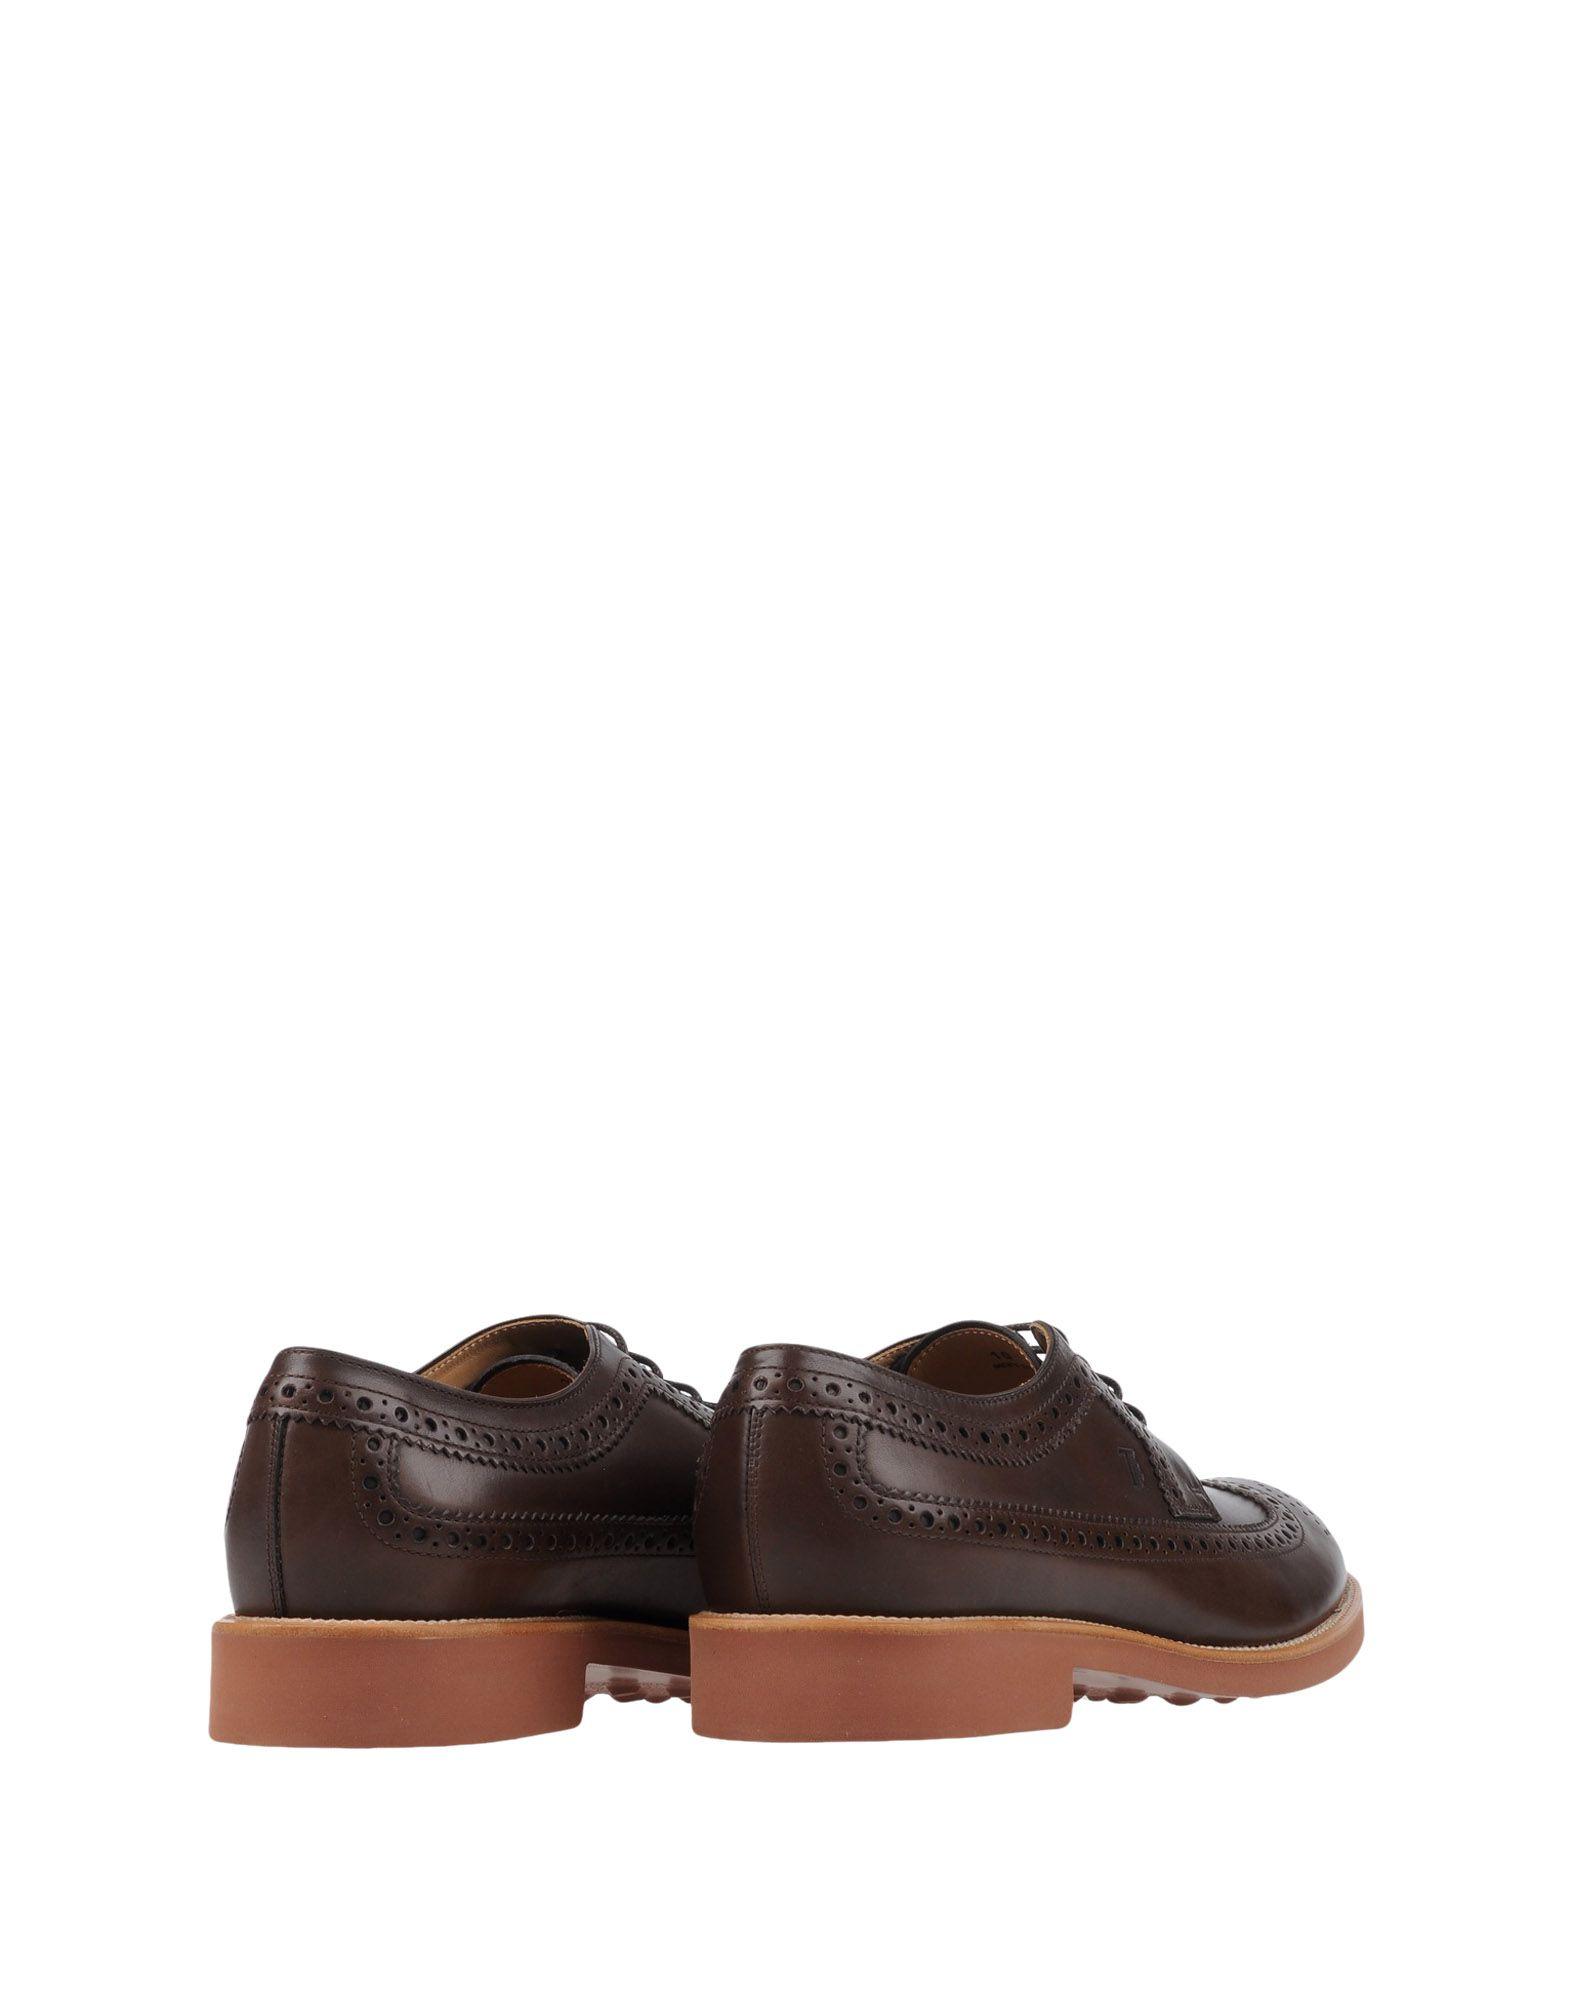 Tod's Gute Schnürschuhe Herren  11336356WF Gute Tod's Qualität beliebte Schuhe 78d50a